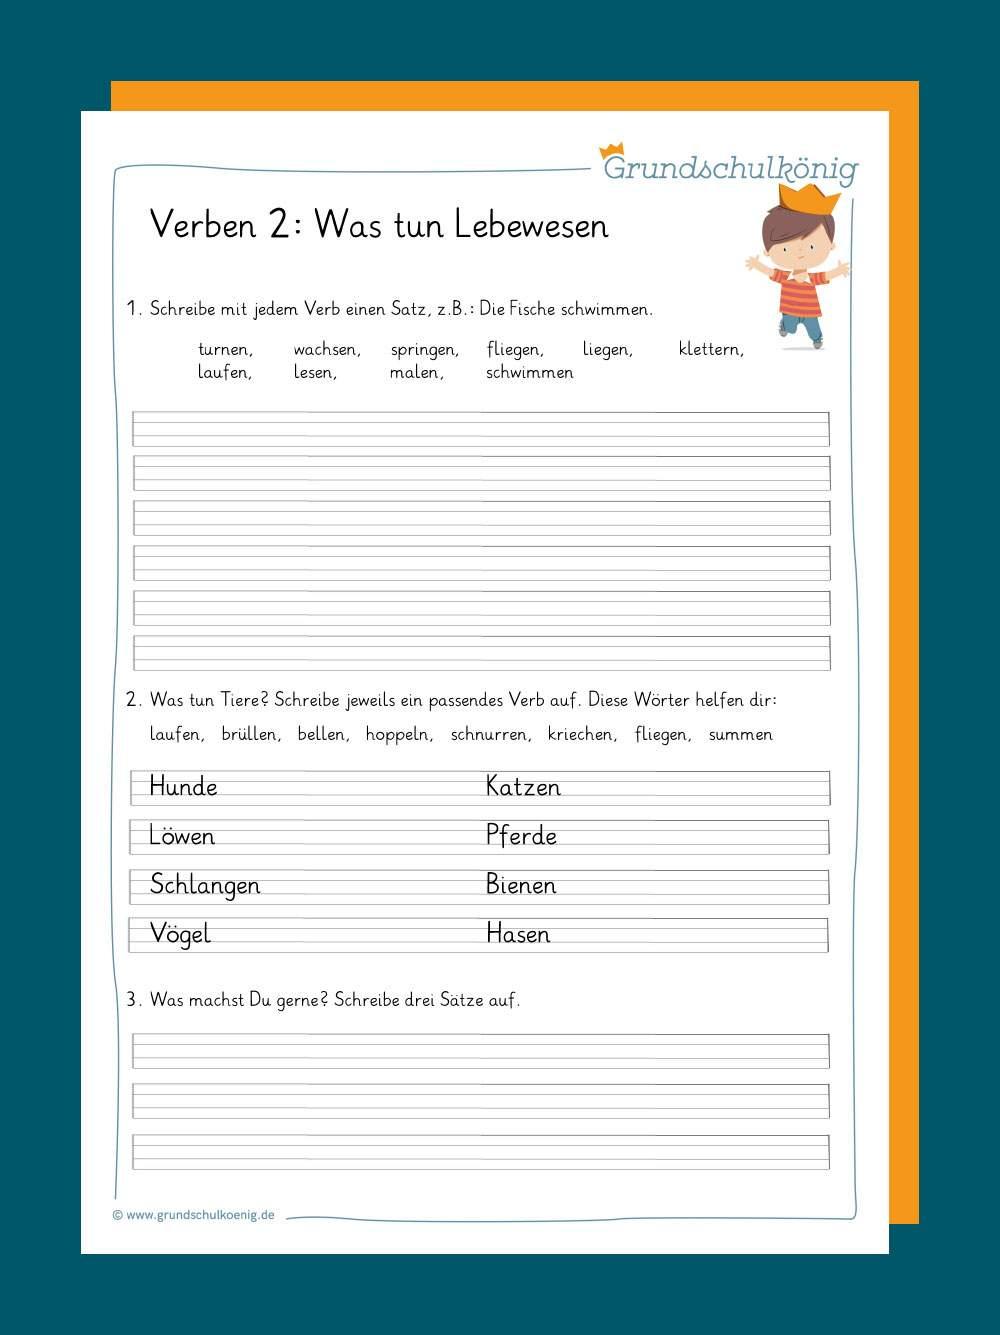 Verben Und Zeitformen für Deutsch Übungen Klasse 2 Zum Ausdrucken